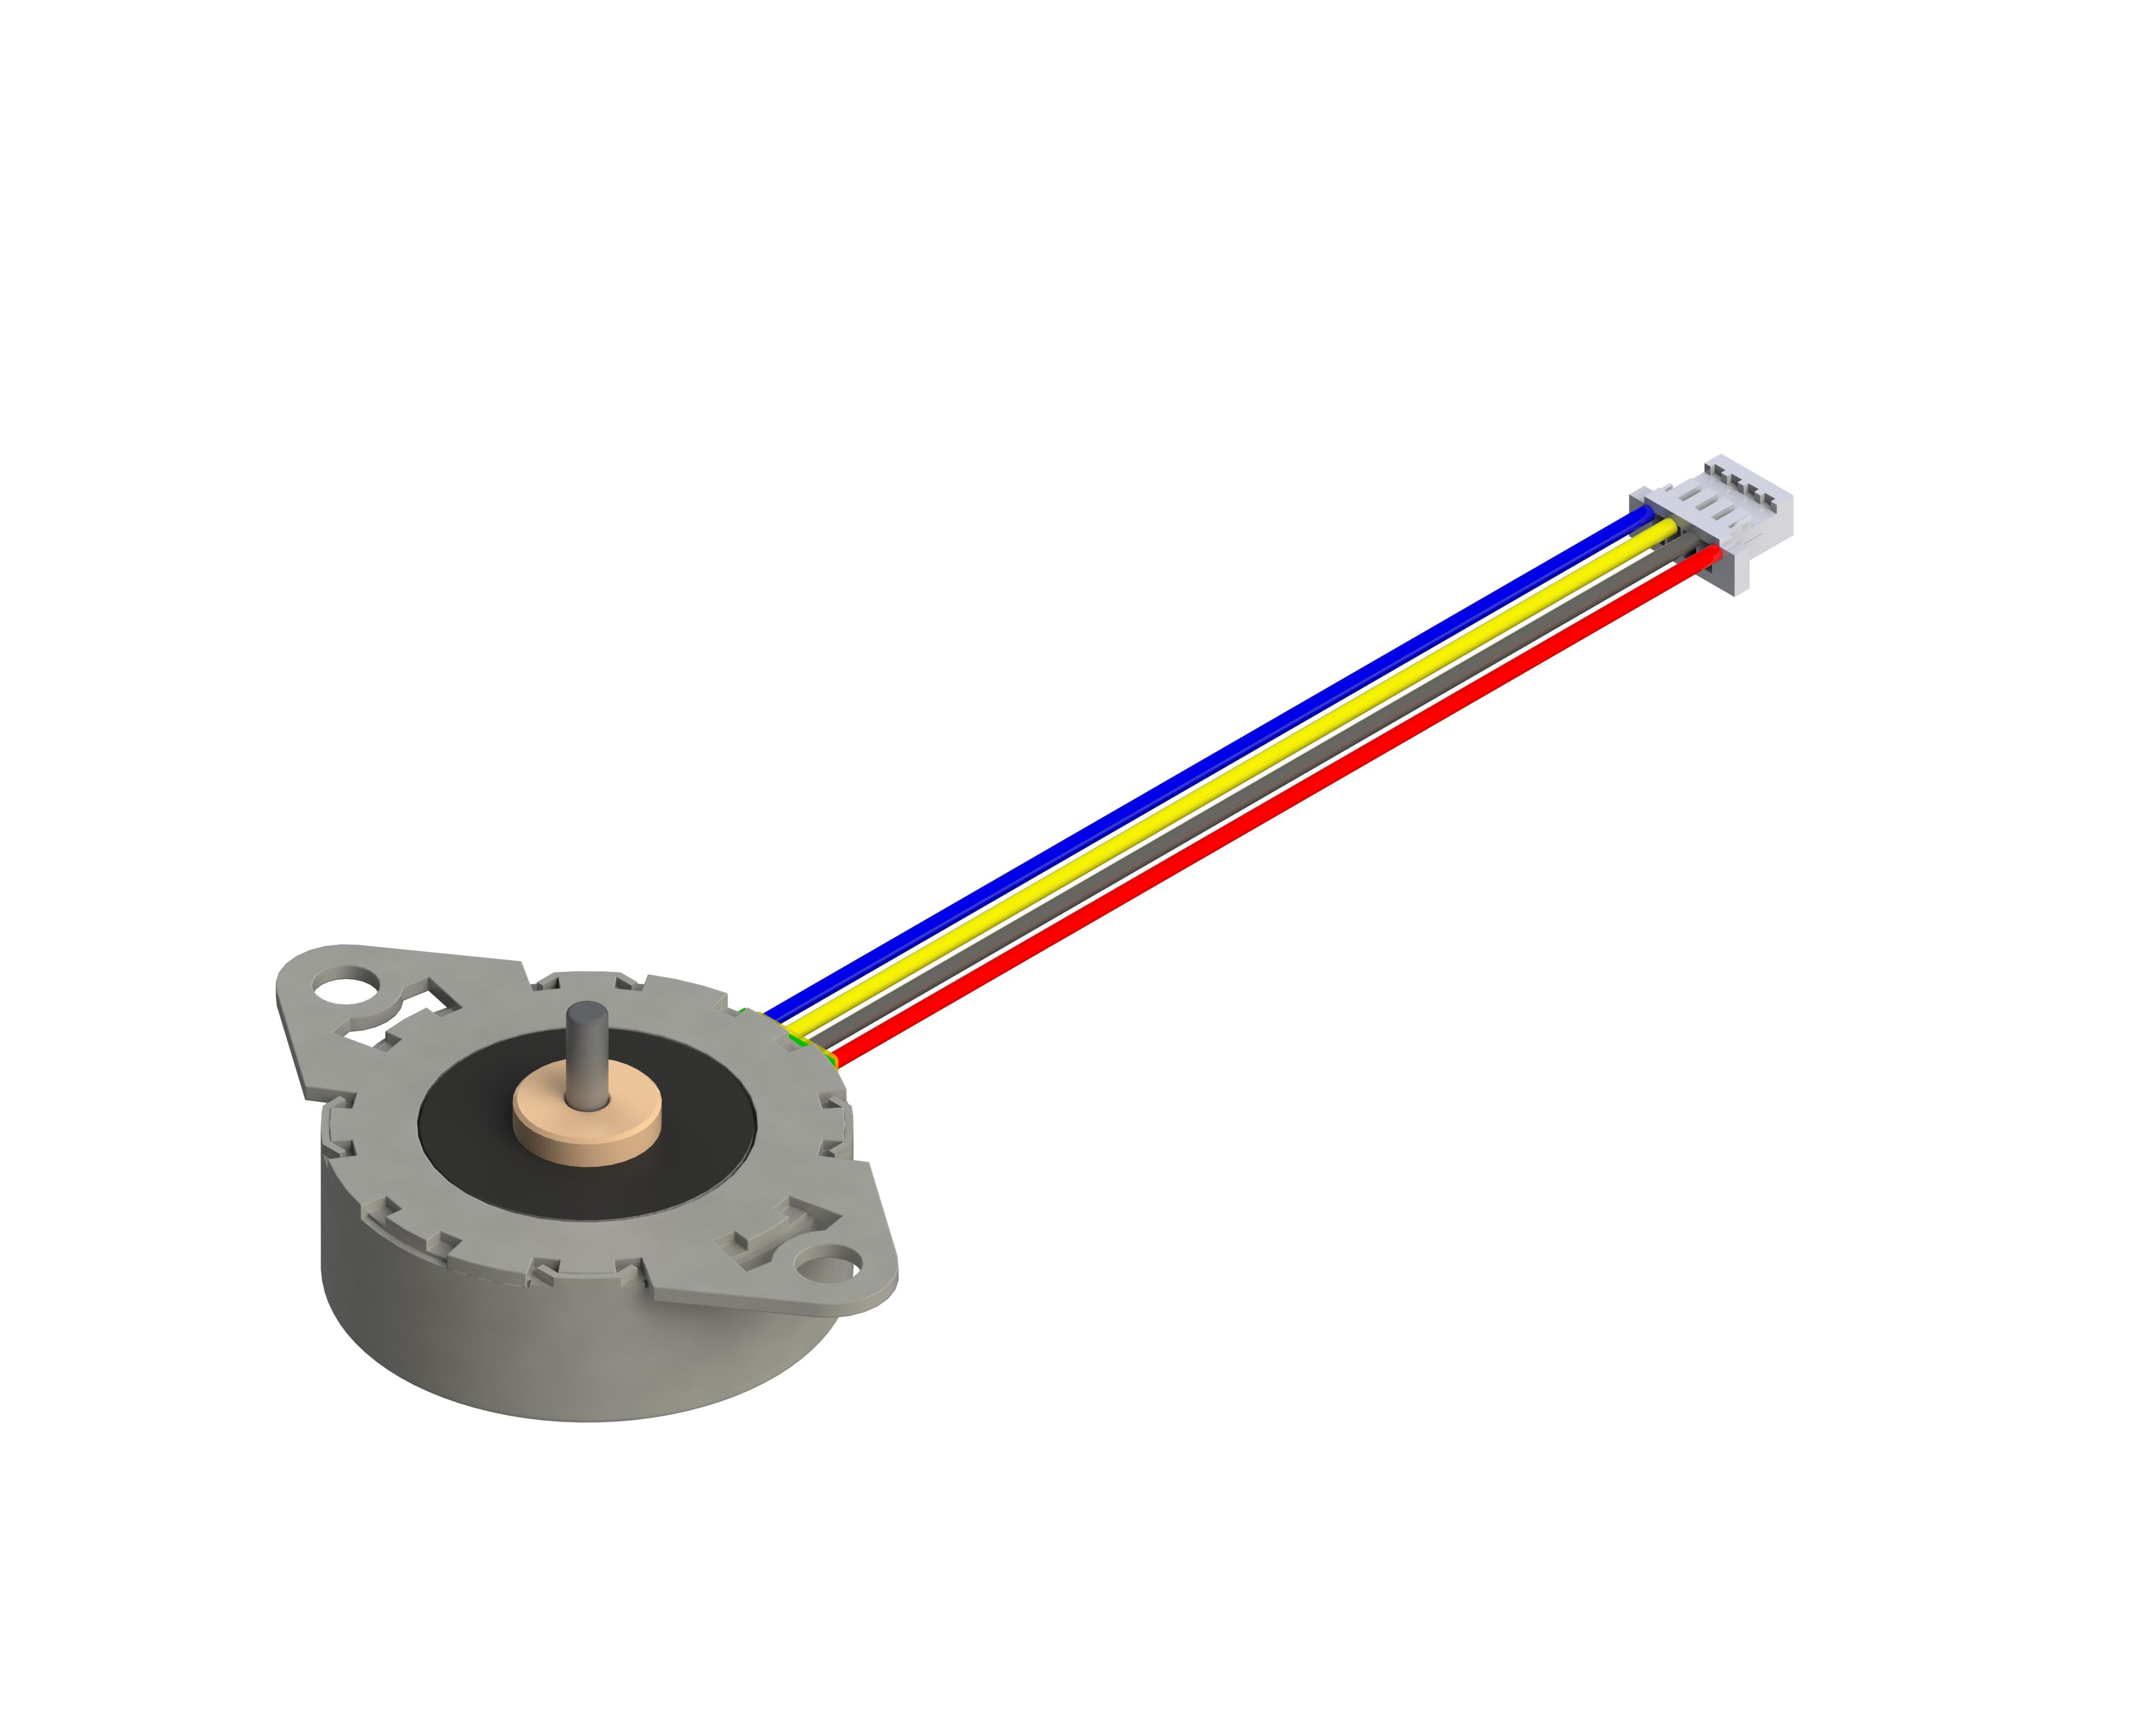 PM Stepper motors